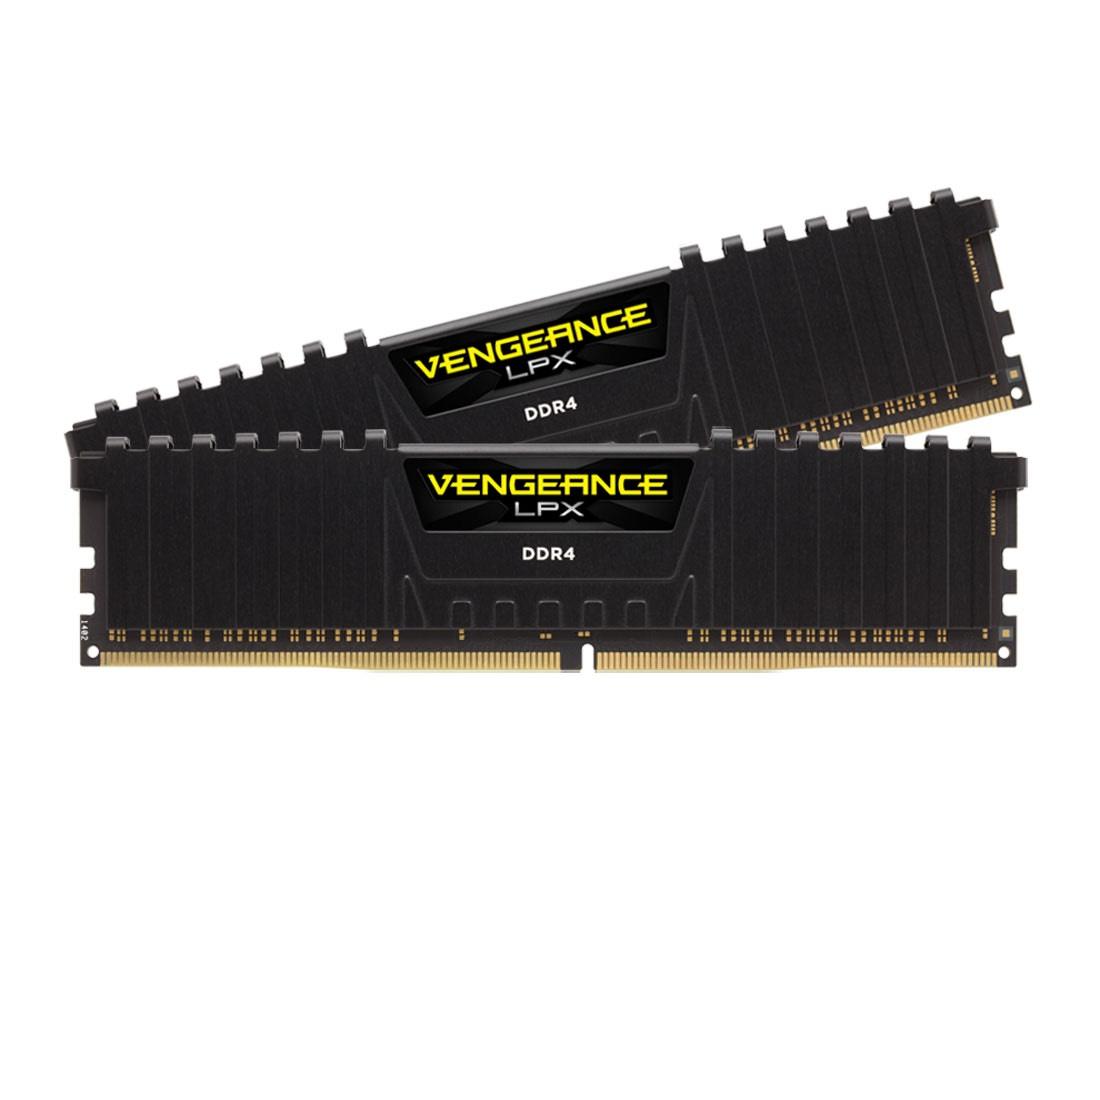 Kit Mémoire Corsair Vengeance LPX 16Go (2x8Go) - DDR4 3200MHz C16 XMP 2.0